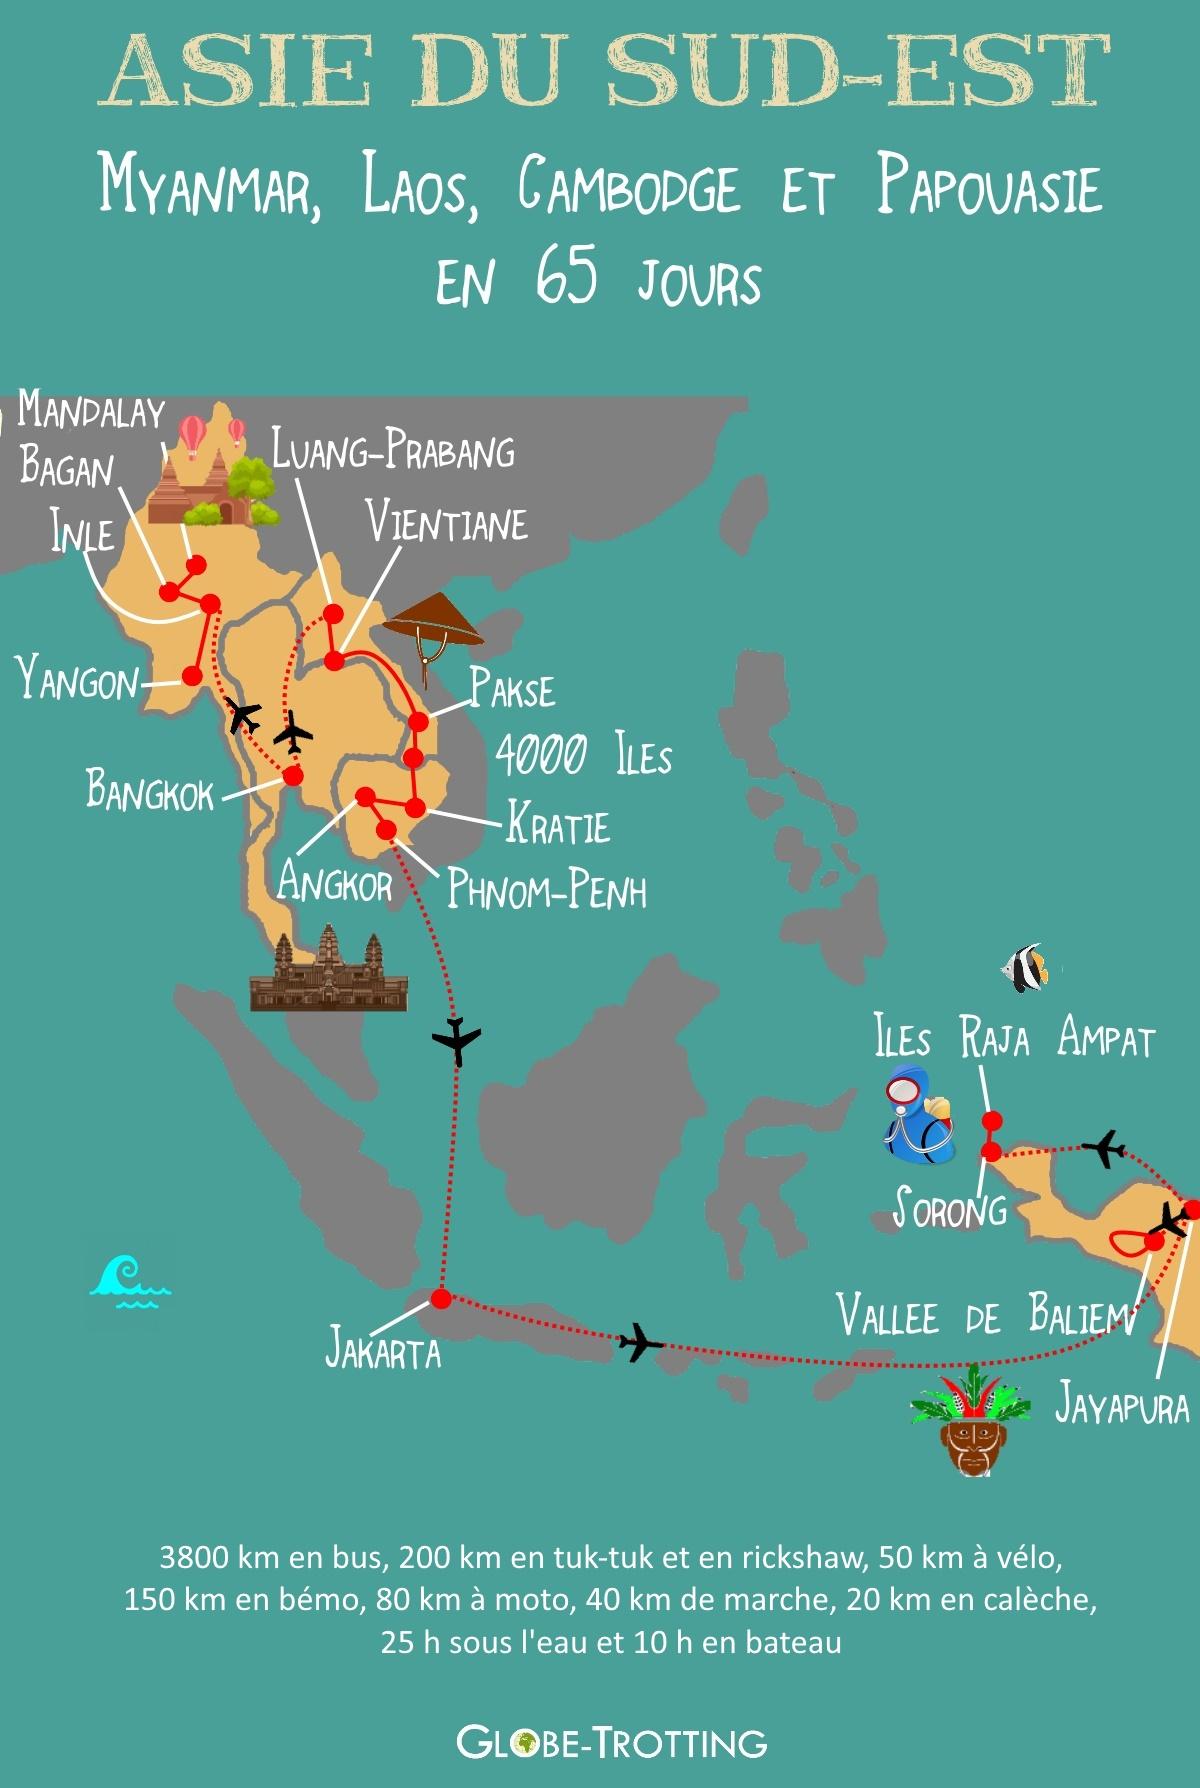 Carte Touristique Asie.File Asie Du Sud Est Carte Touristique Et Itineraire Jpg